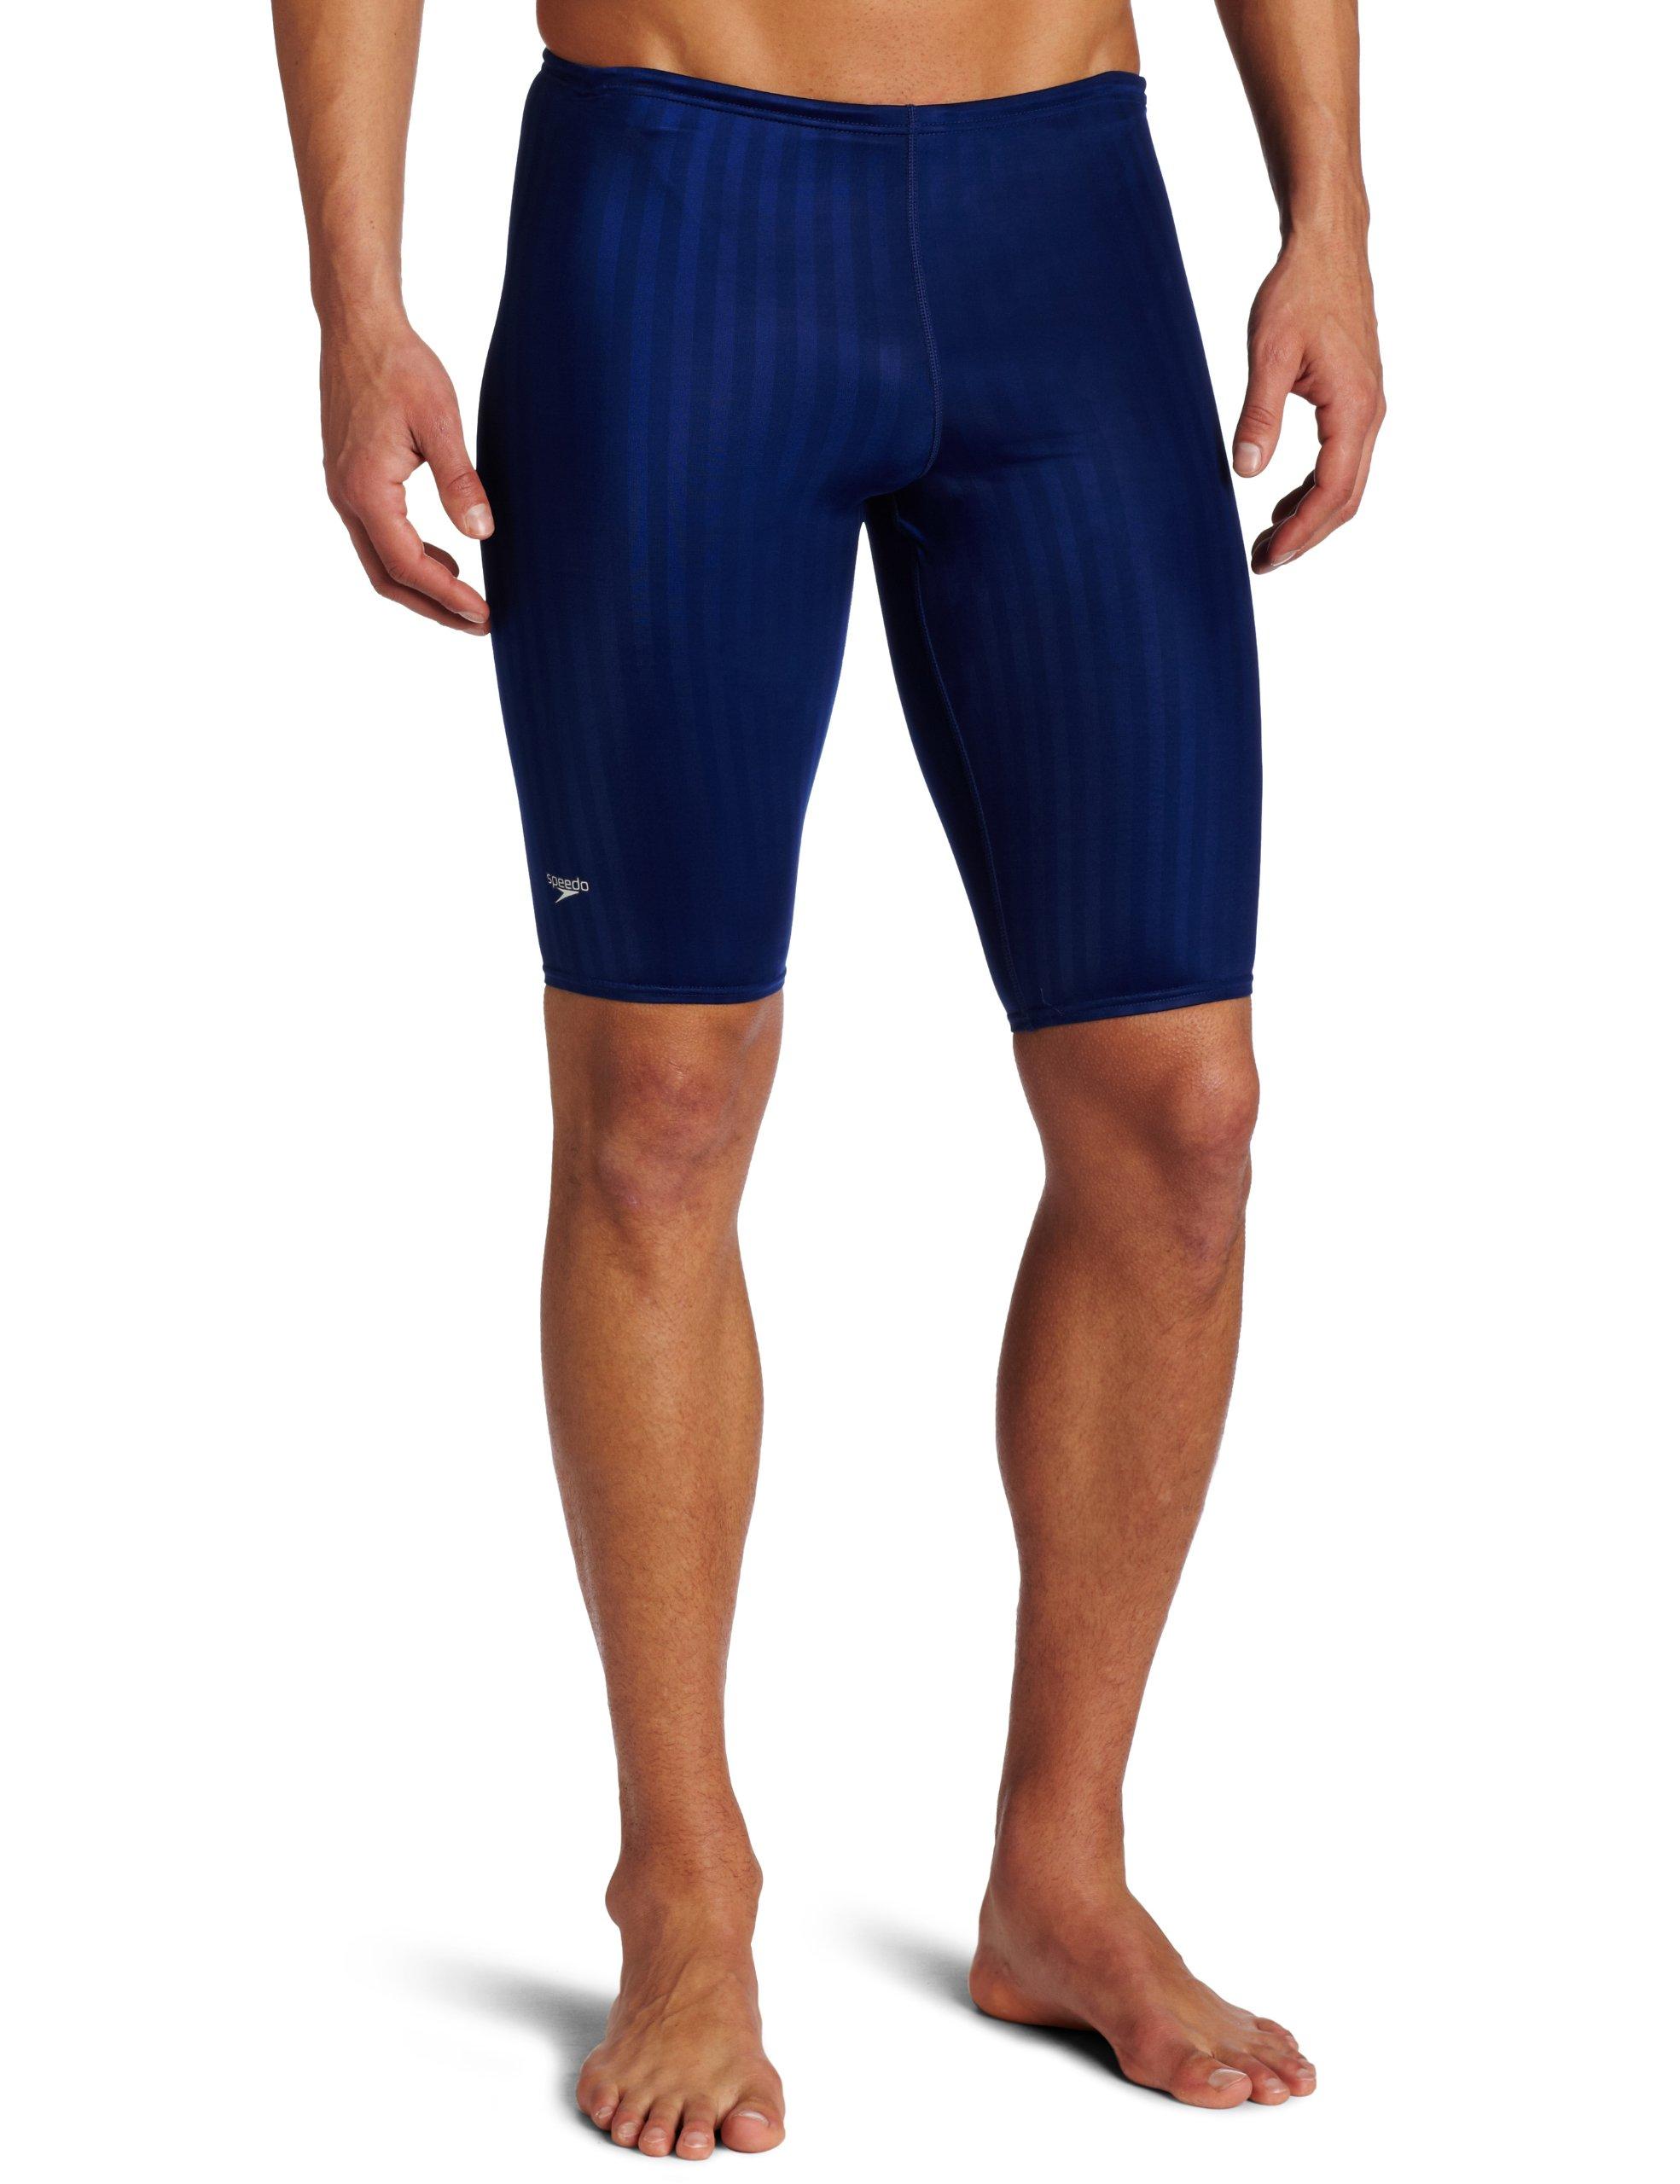 Speedo Men's Aquablade Jammer Swimsuit, Navy, 34